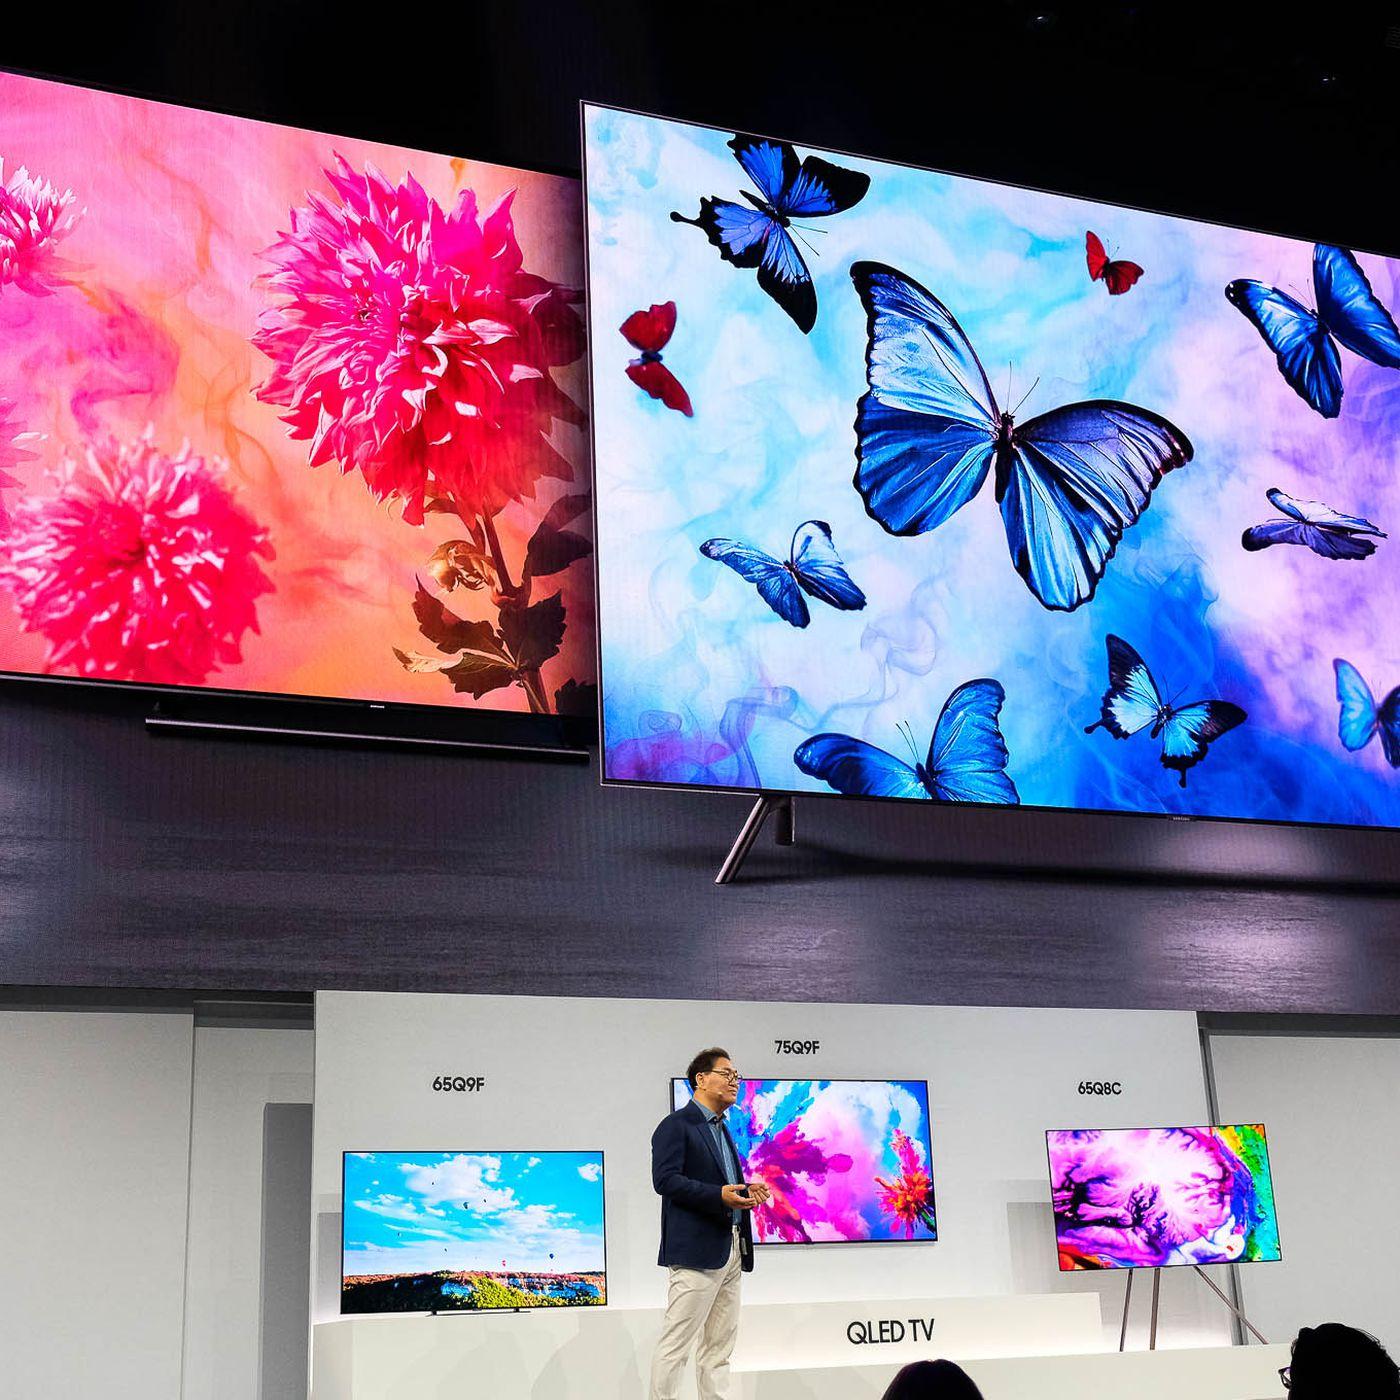 новые телевизоры на фотонных точках все